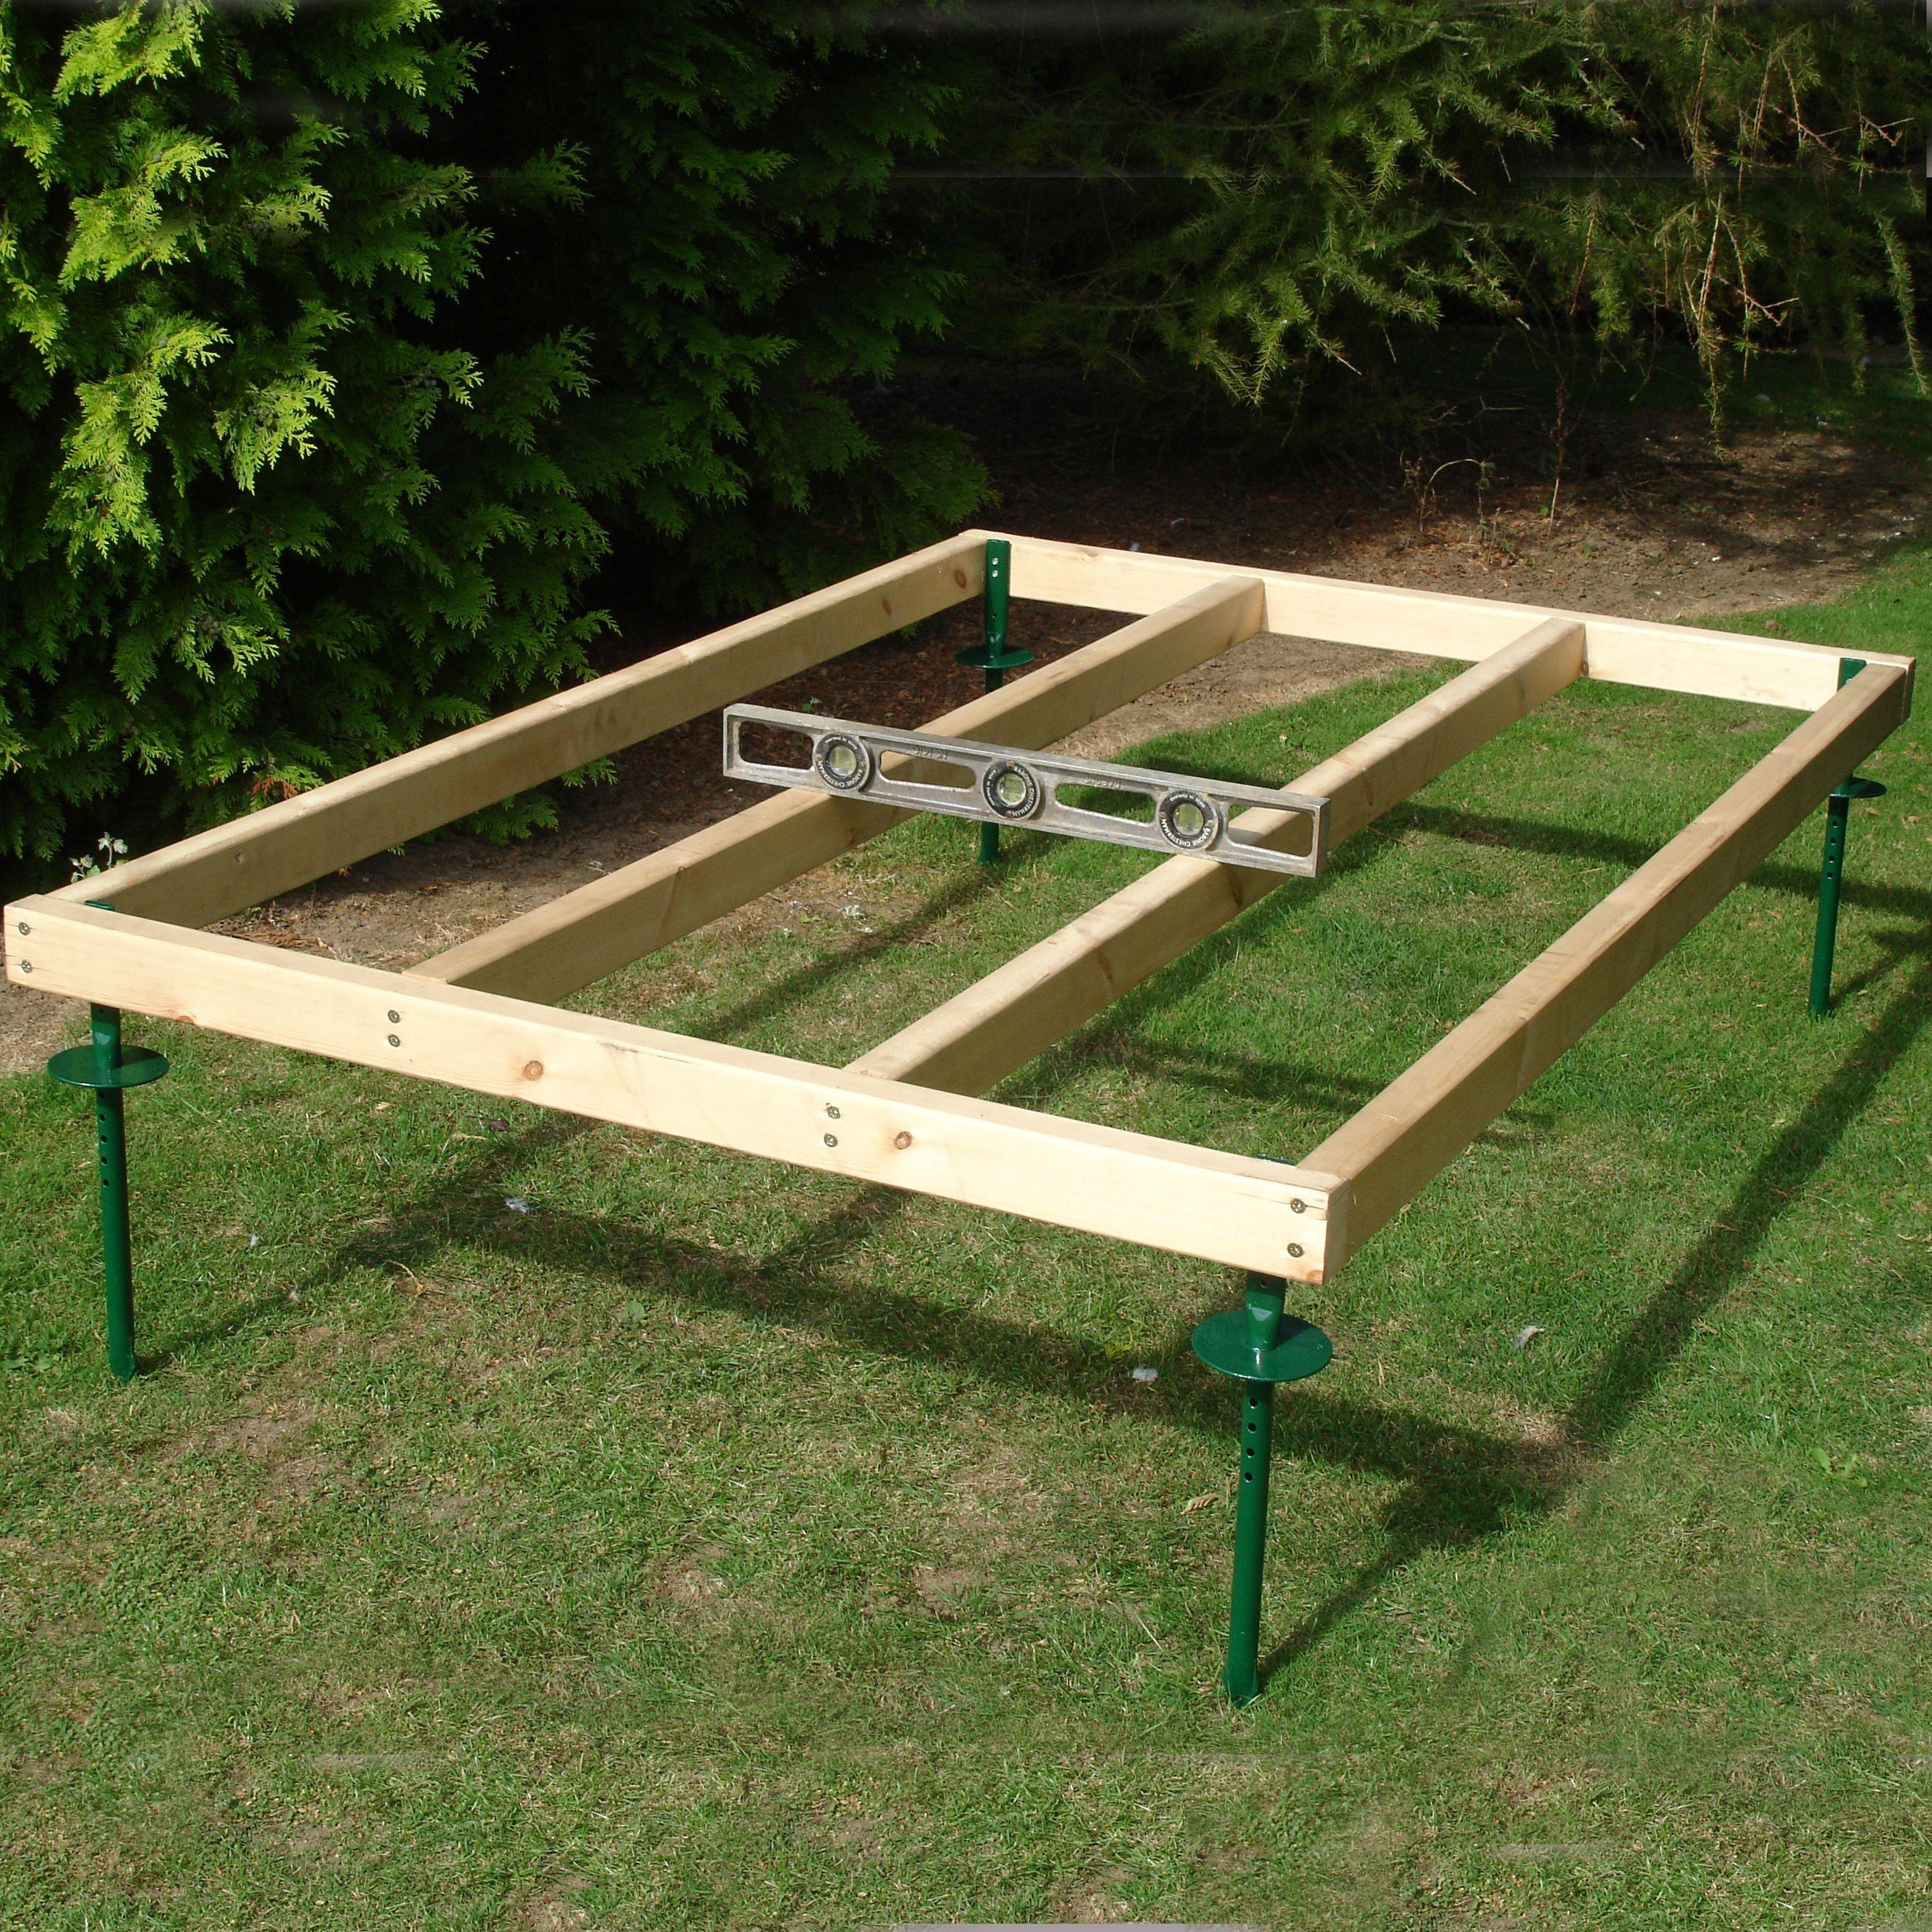 Image of Homewood Adjustable Wooden Shed Base - 2490 x 2490mm